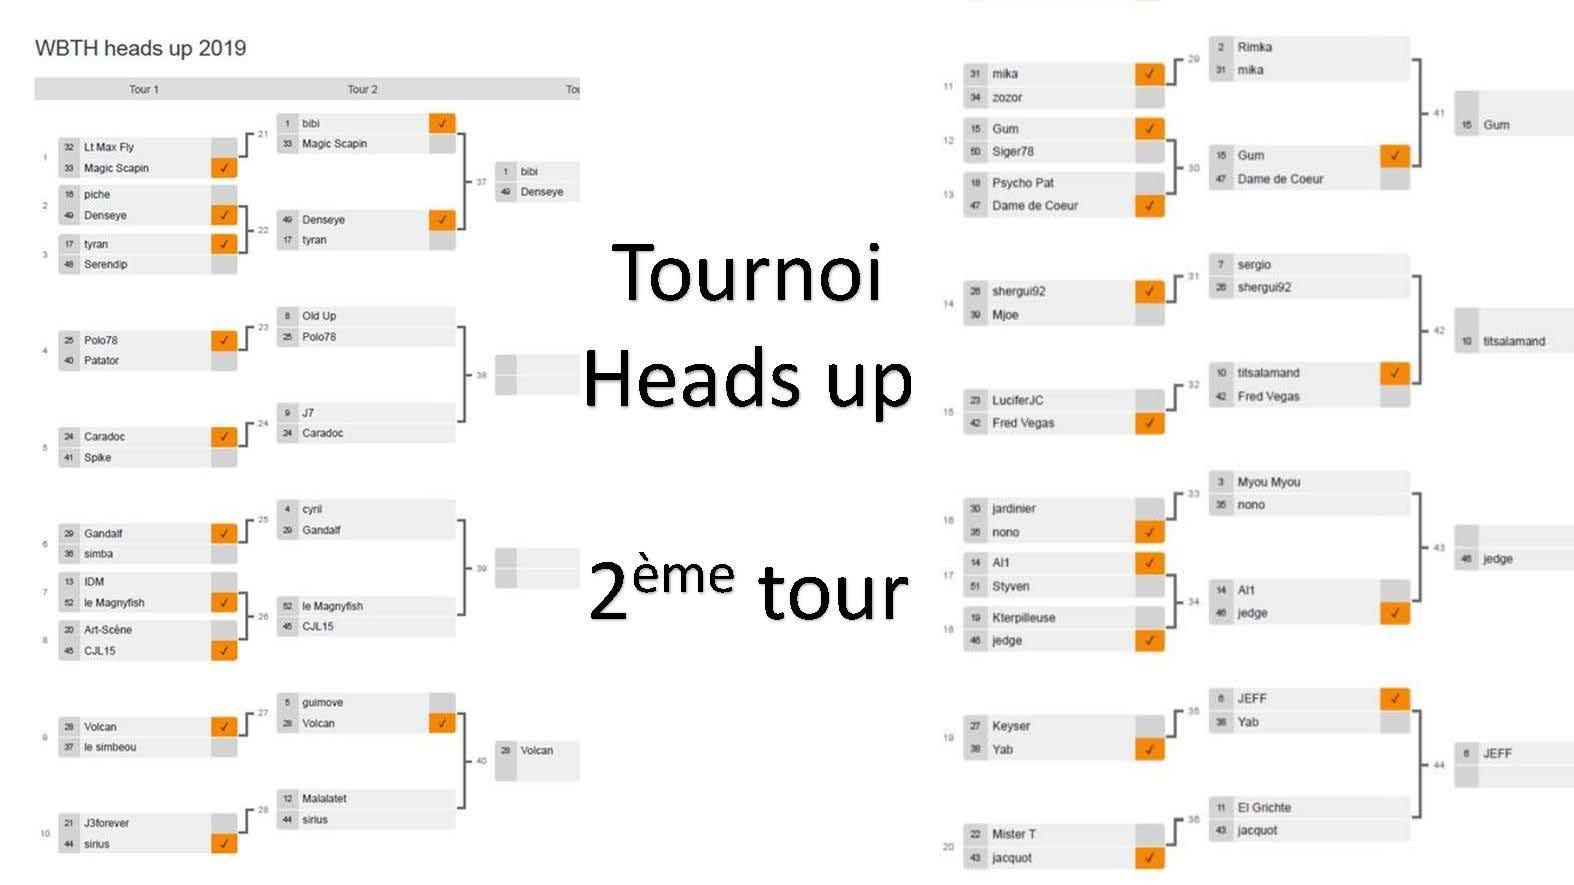 Tournoi heads up 2eme tour